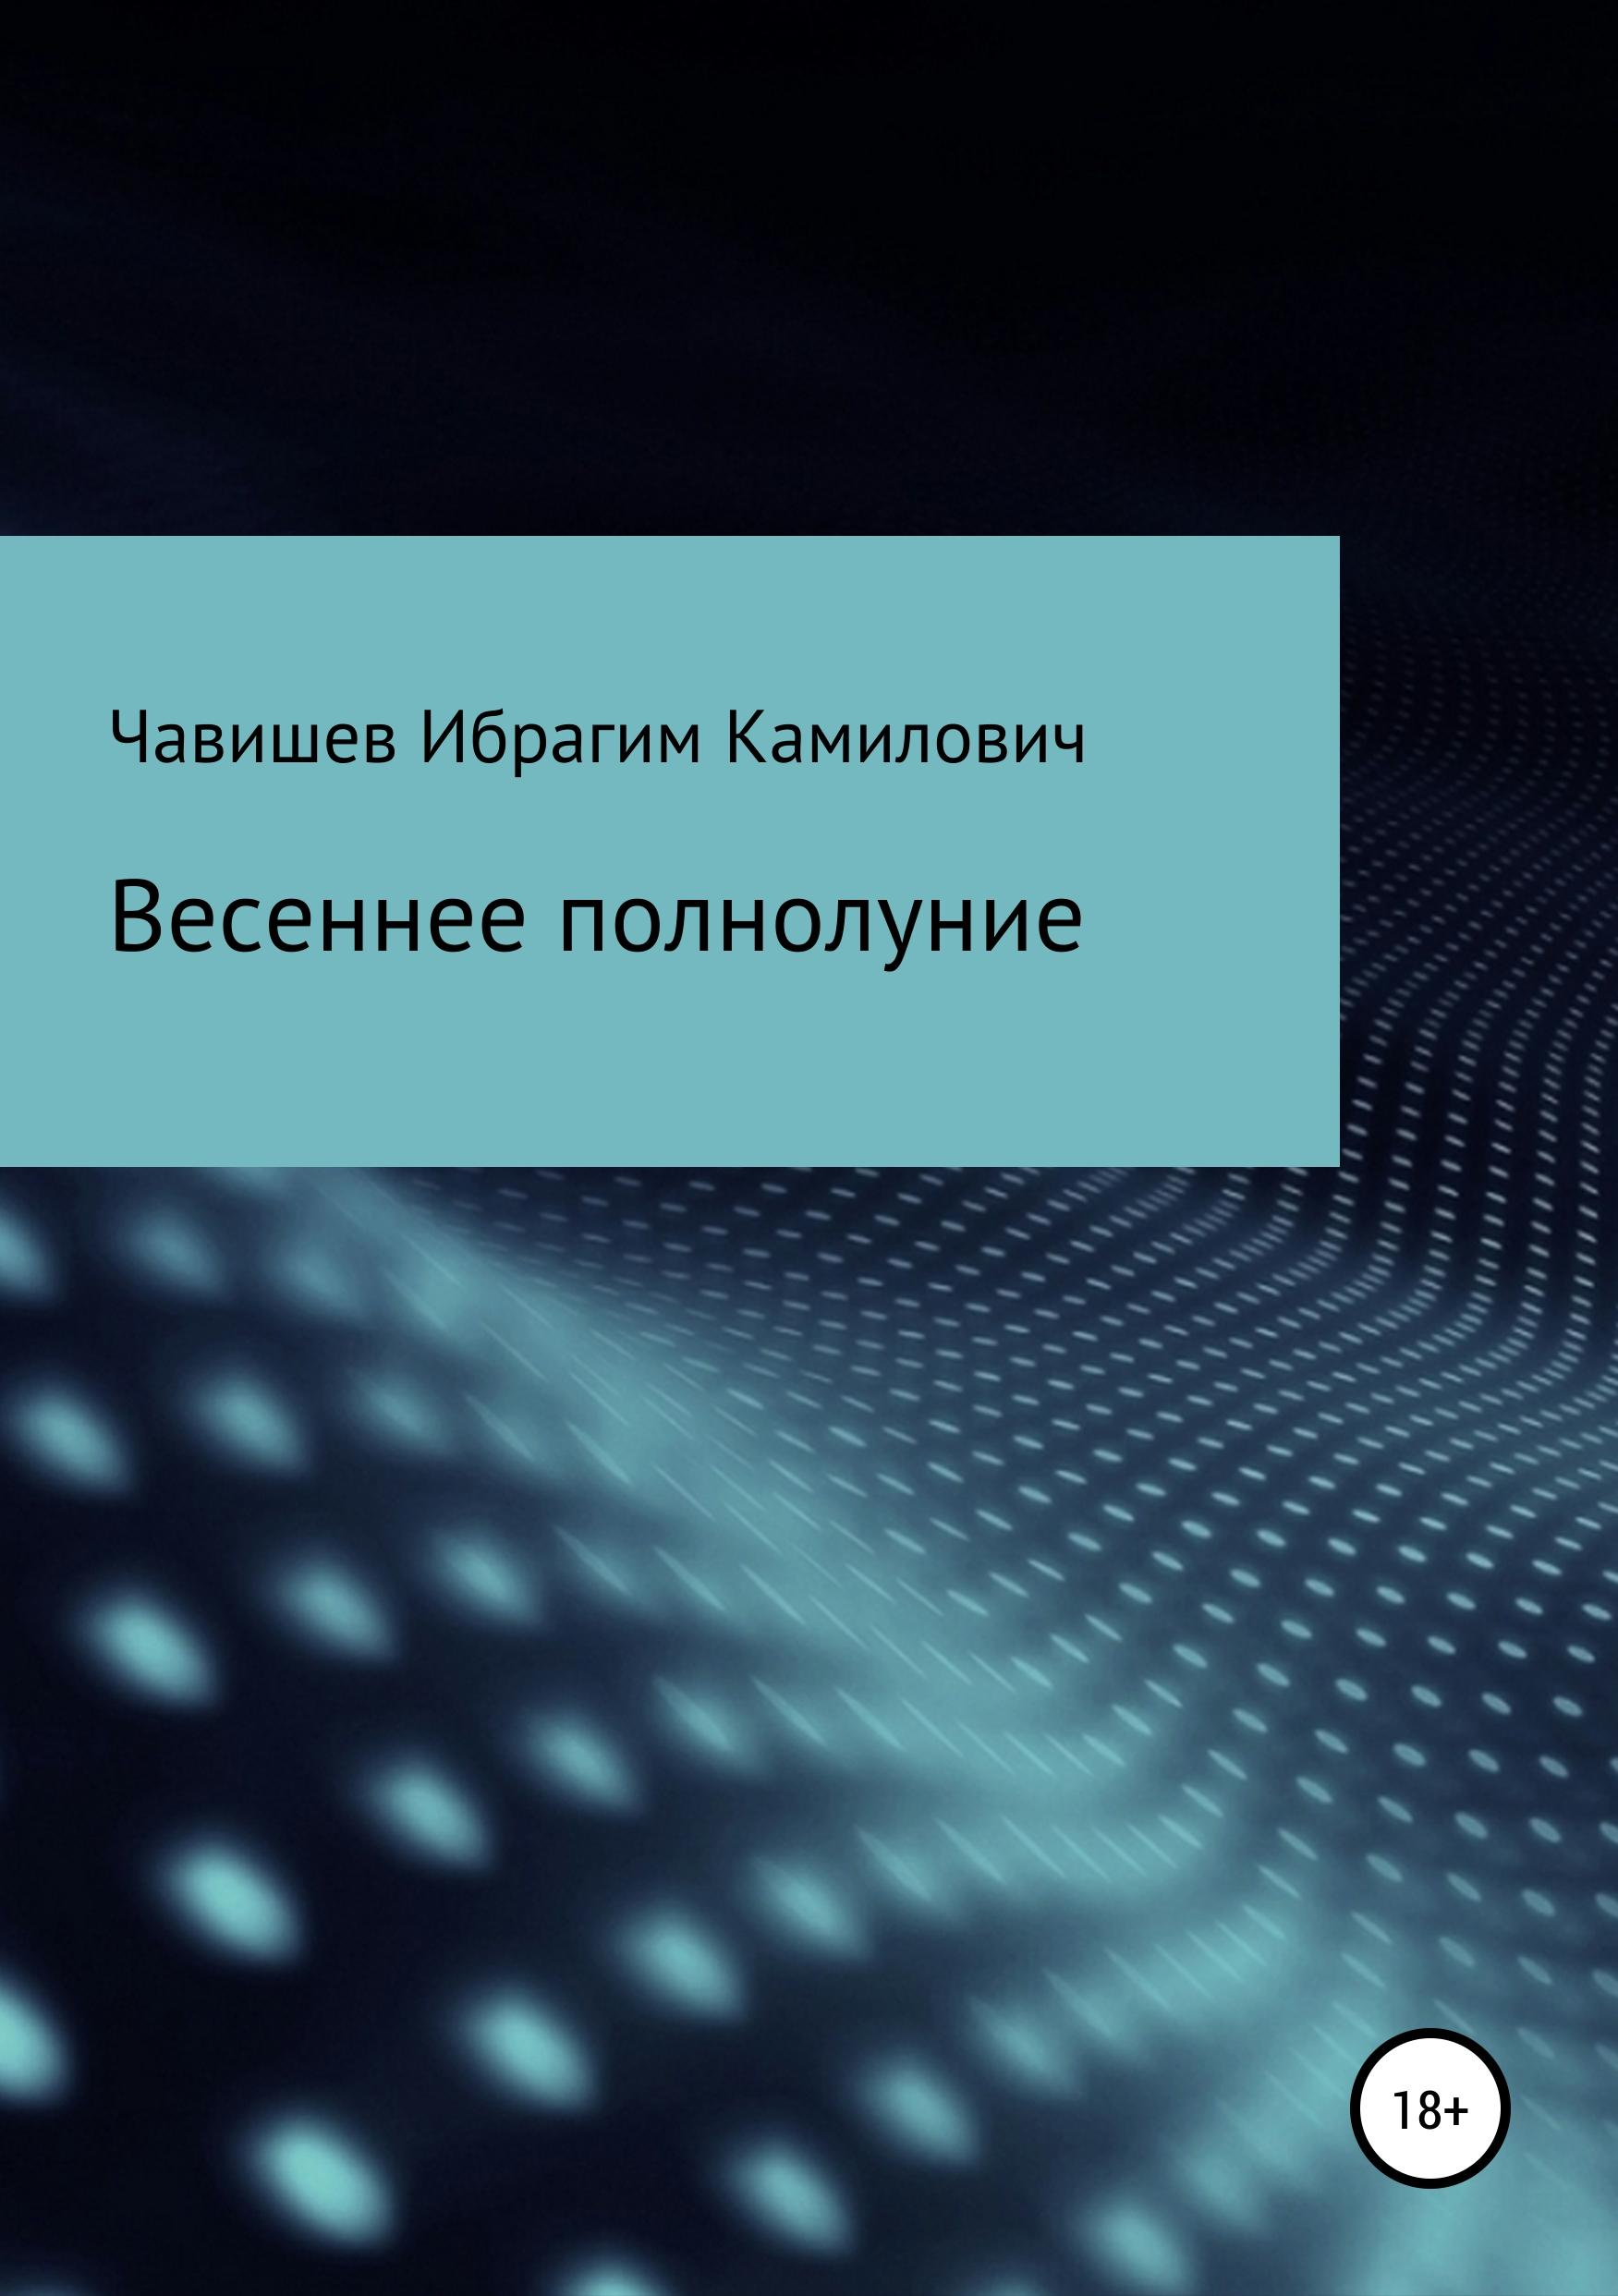 Ибрагим Камилович Чавишев Весеннее полнолуние